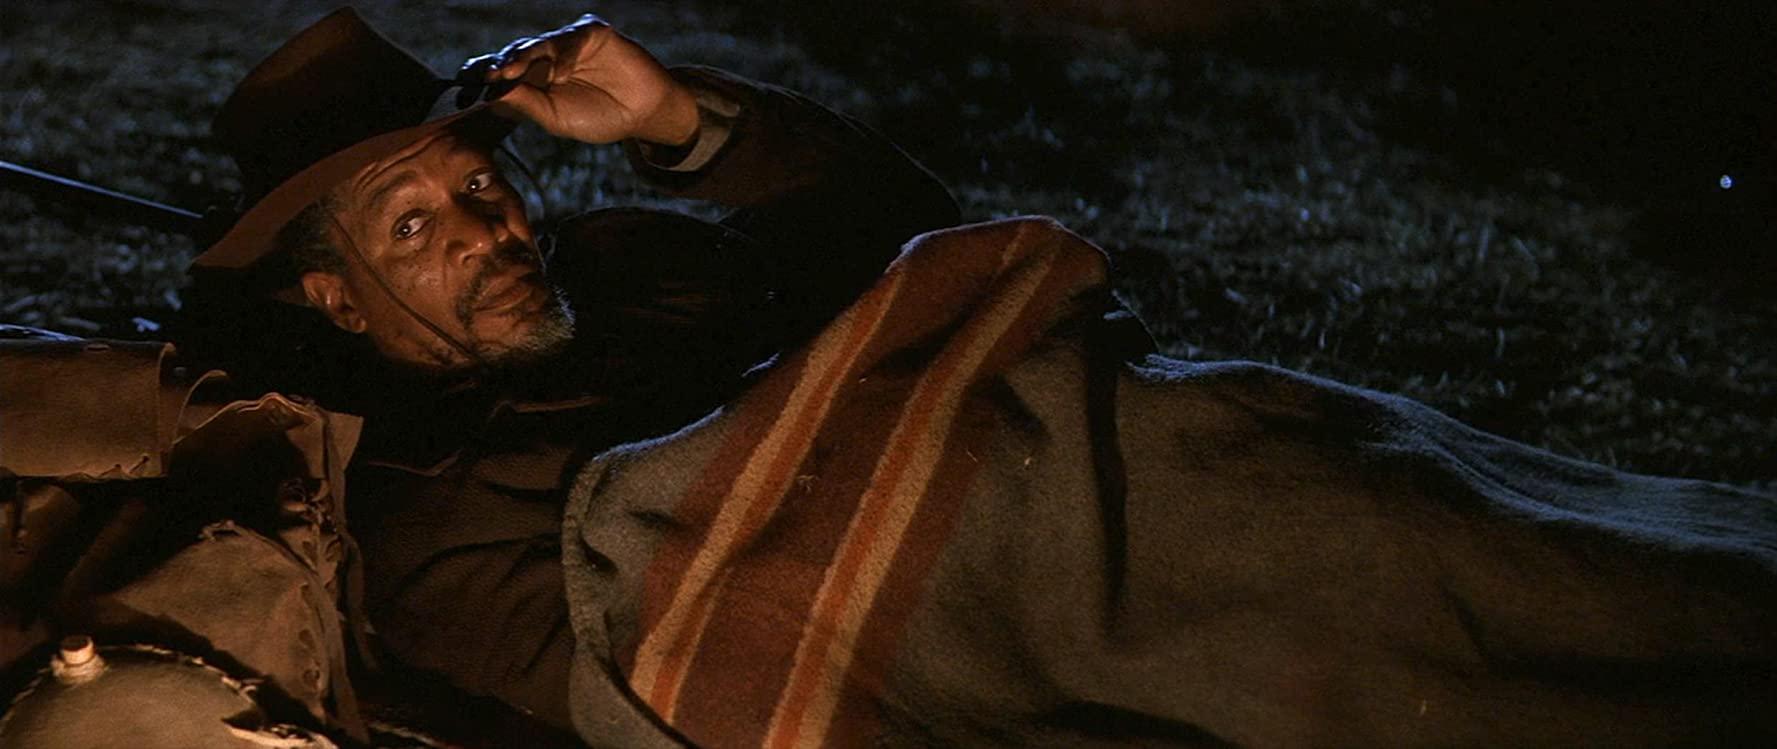 Morgan Freeman Unforgiven